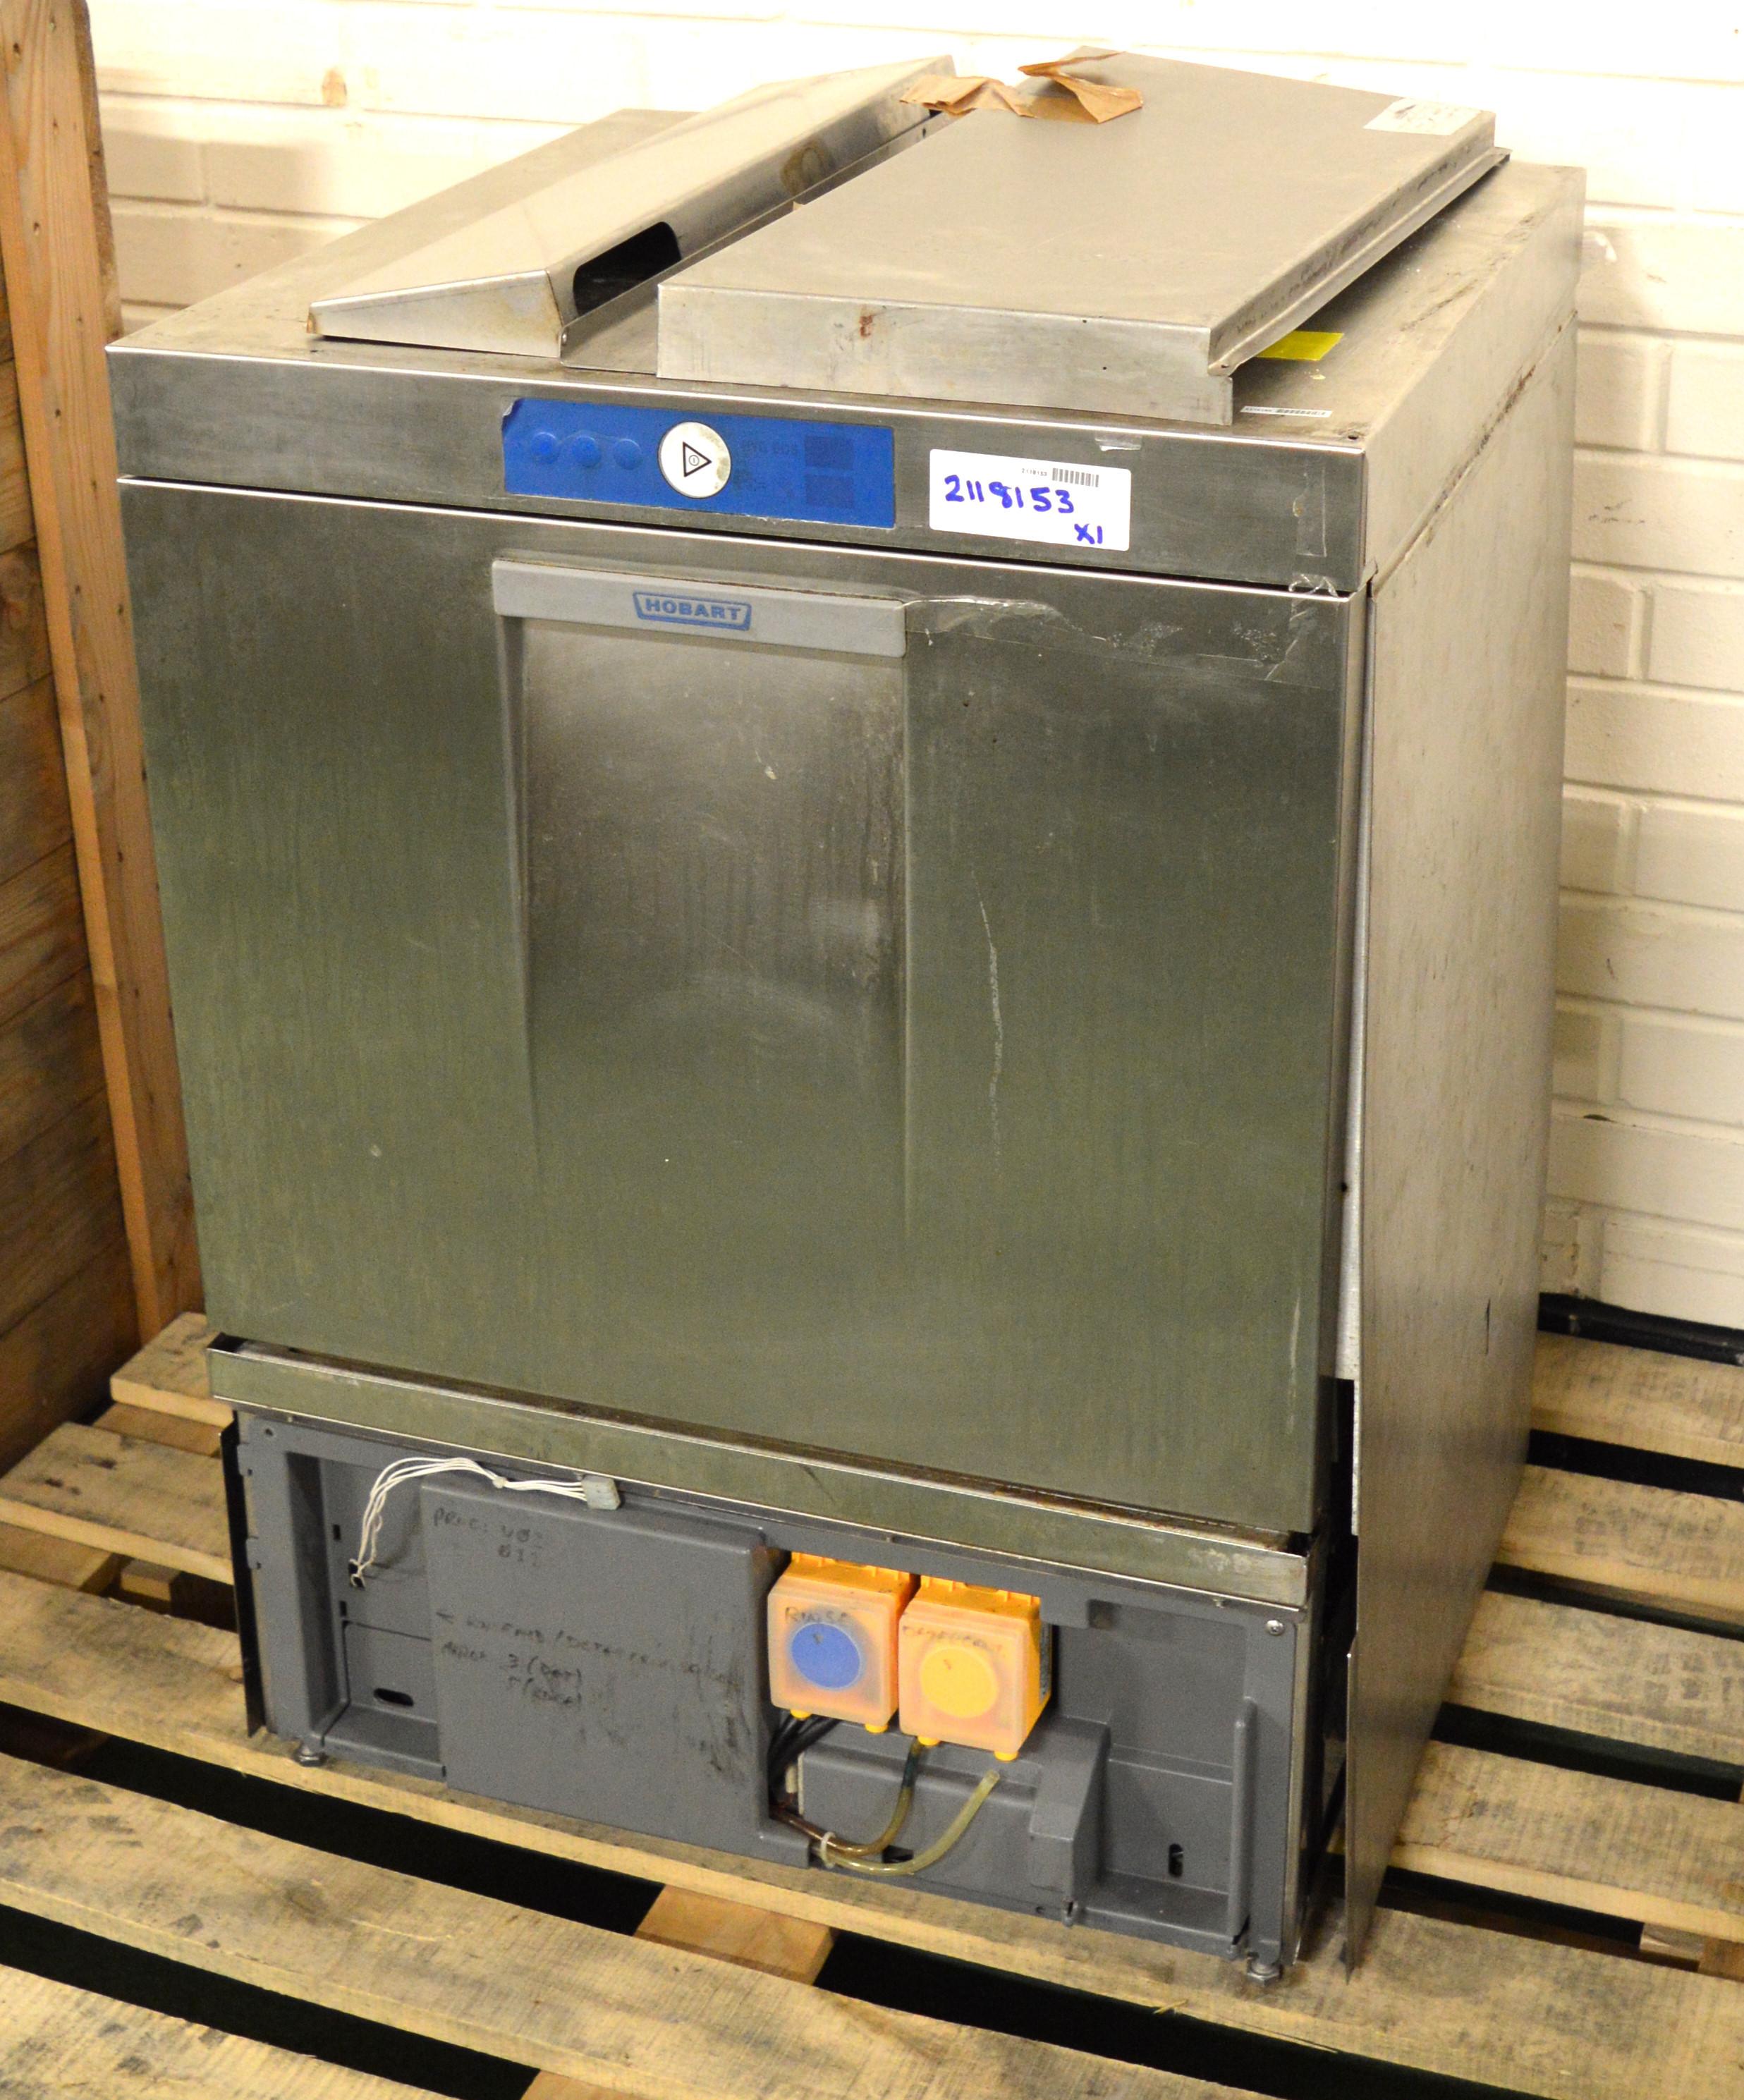 Lot 27 - Hobart Dishwasher FXN-GH 9.2kW 440V.